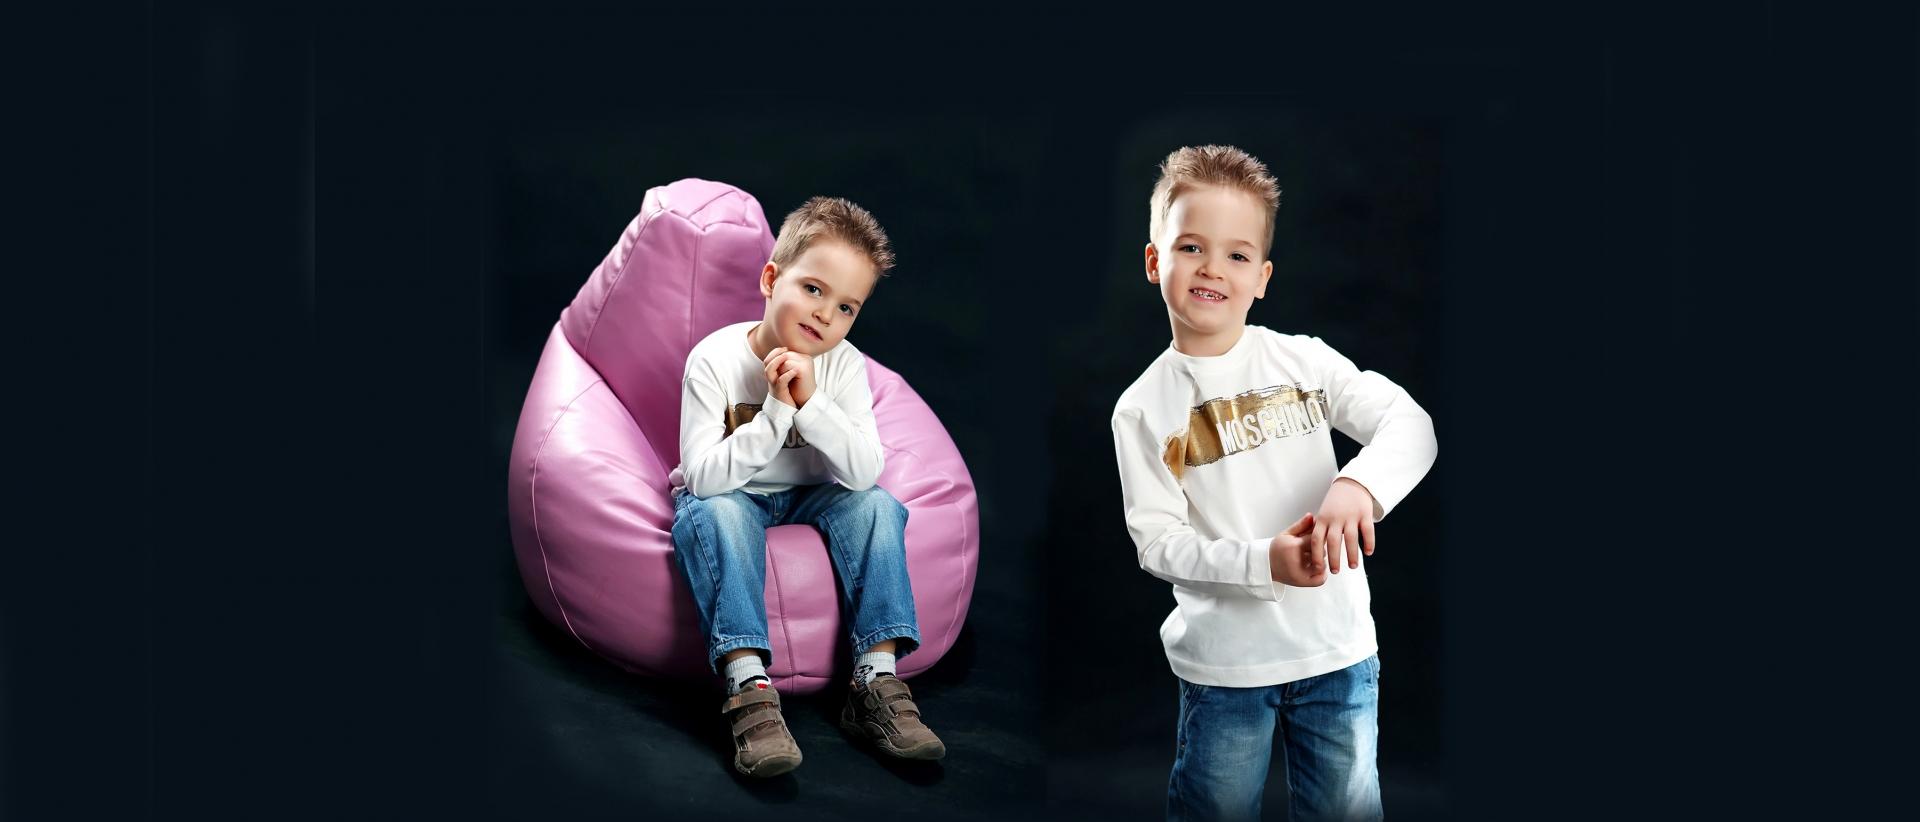 poze de copii